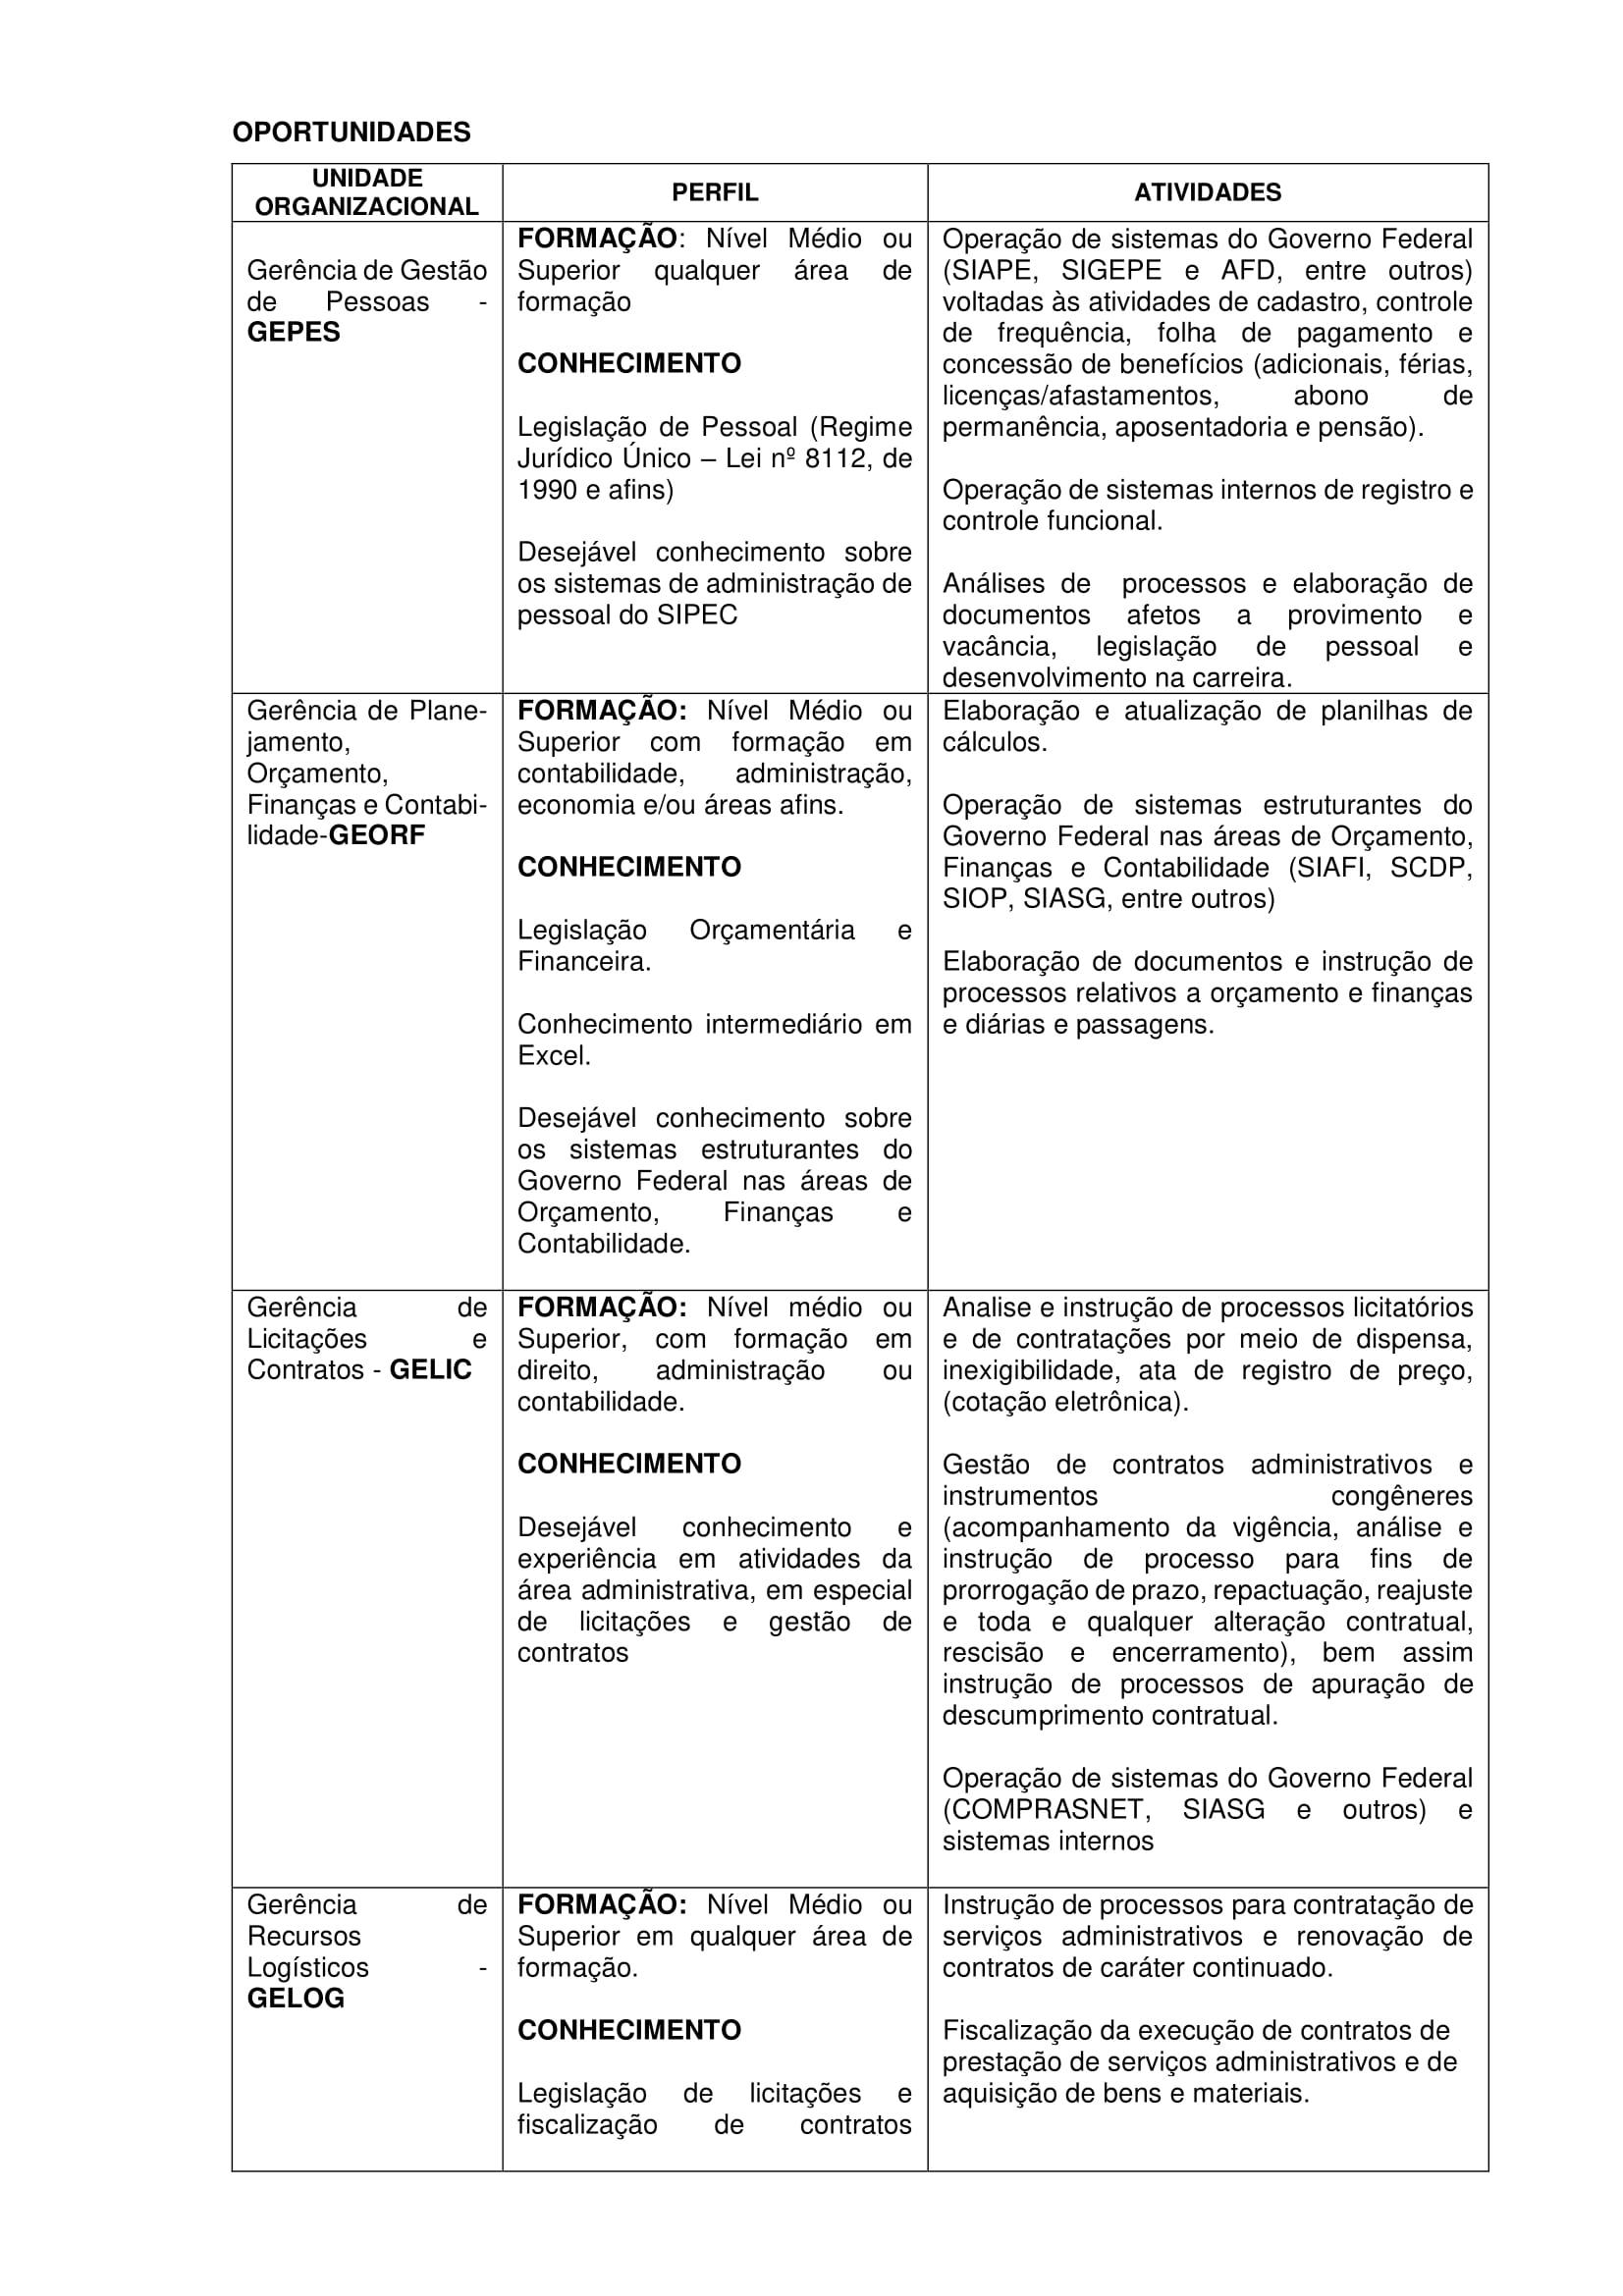 EDITAL_ANTT_PROCESSO_SELETIVO_MOVIMENTACAO_DE_SERVIDOR_07082019-3